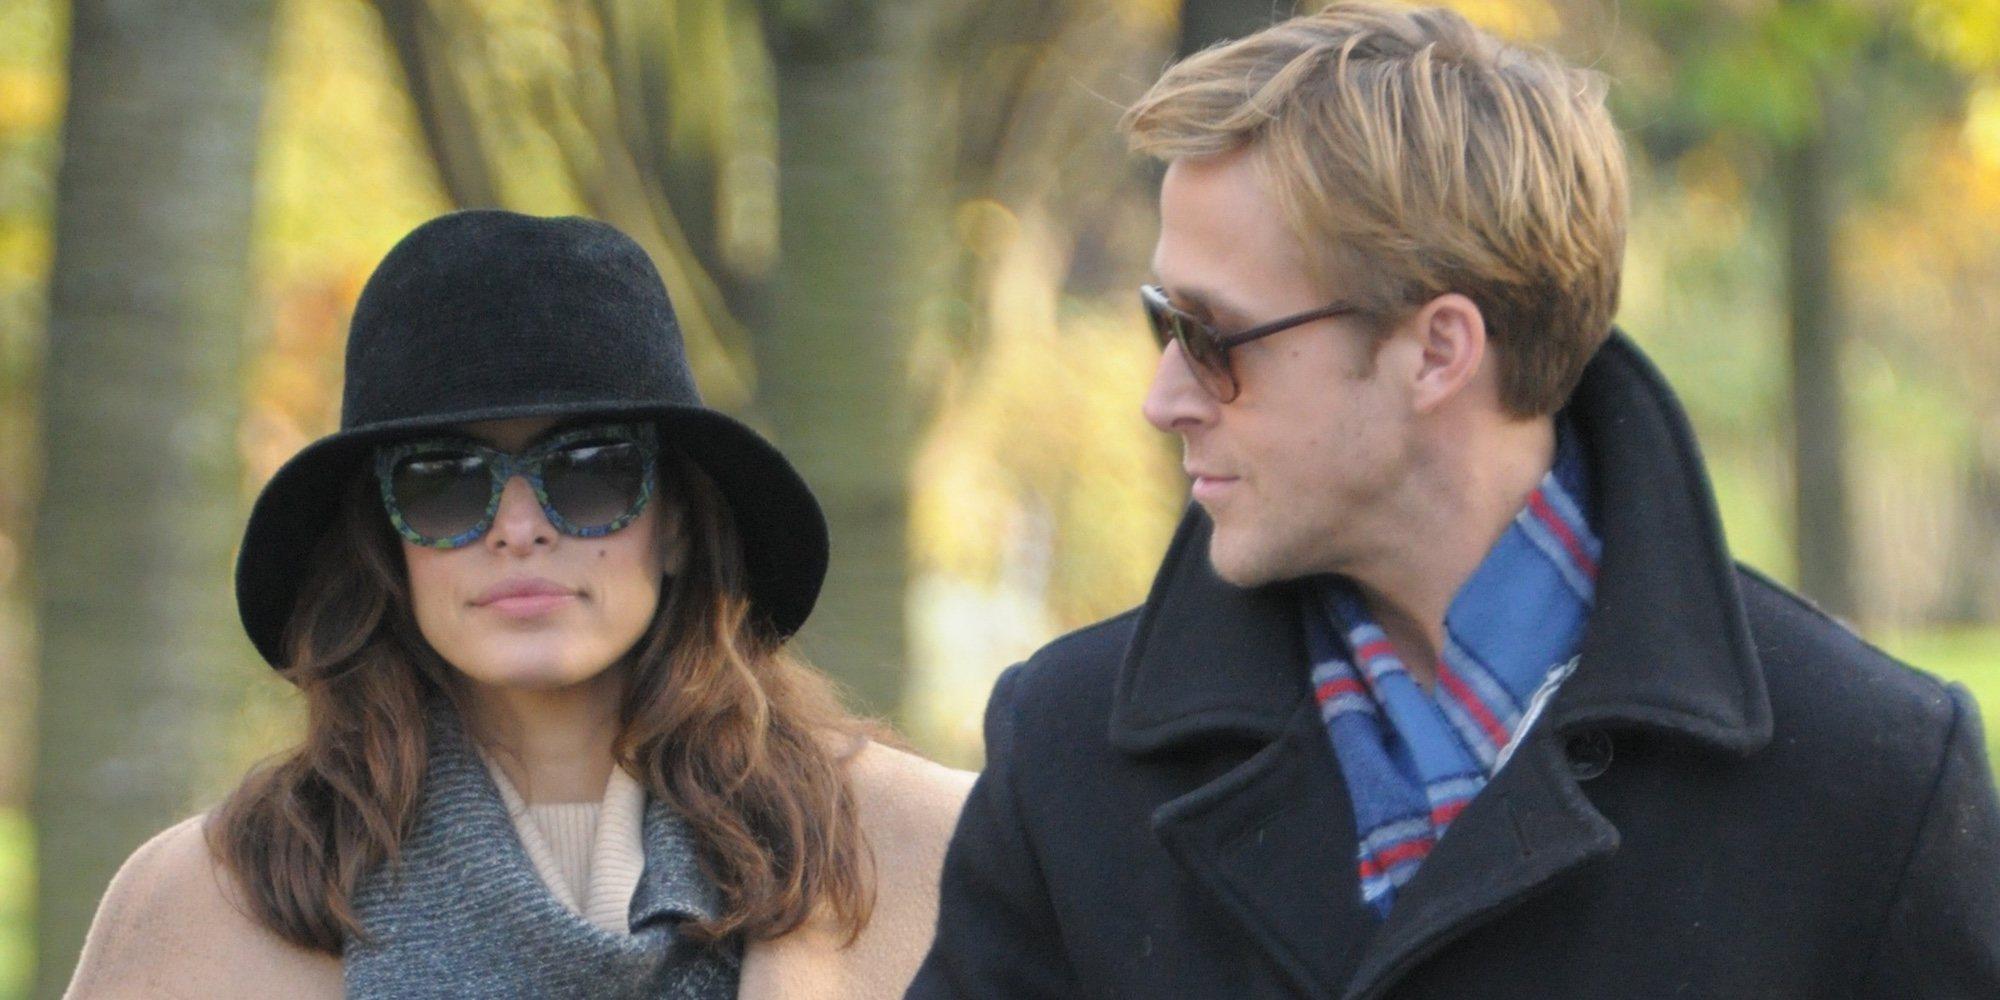 Las hijas de Eva Mendes y Ryan Gosling aprenden 'spanglish' en vez de español